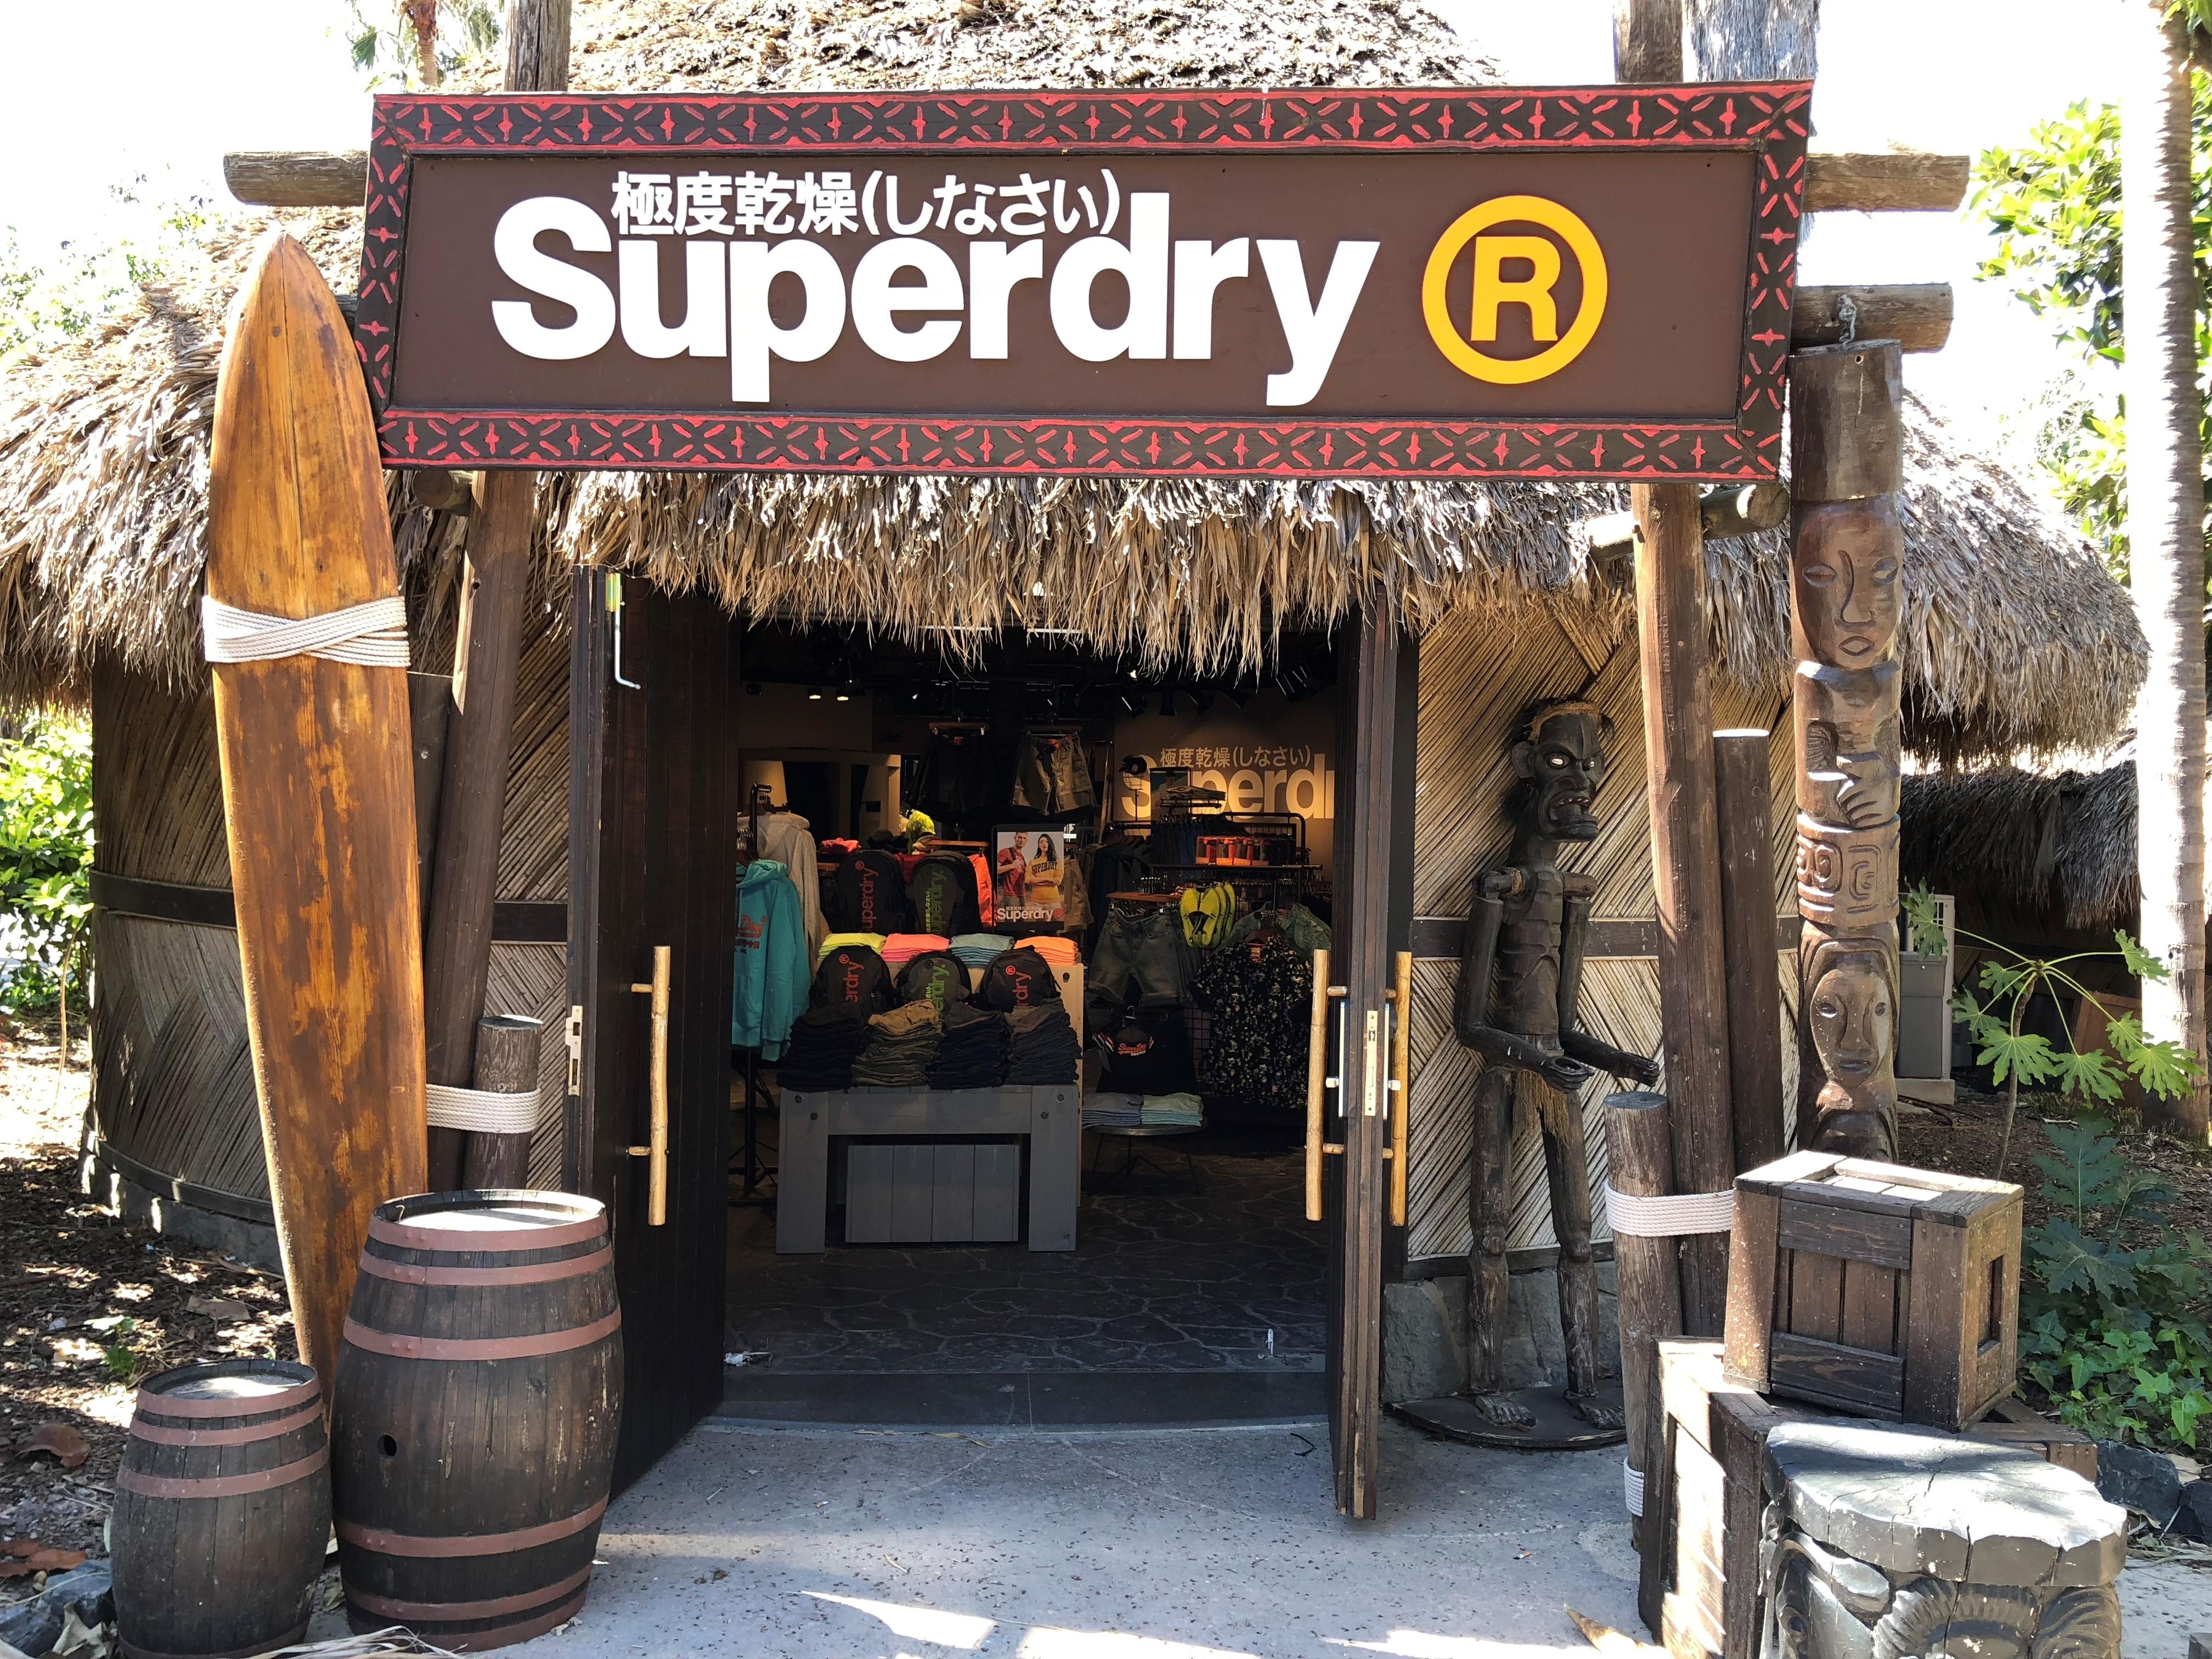 tiendas-superdry-1